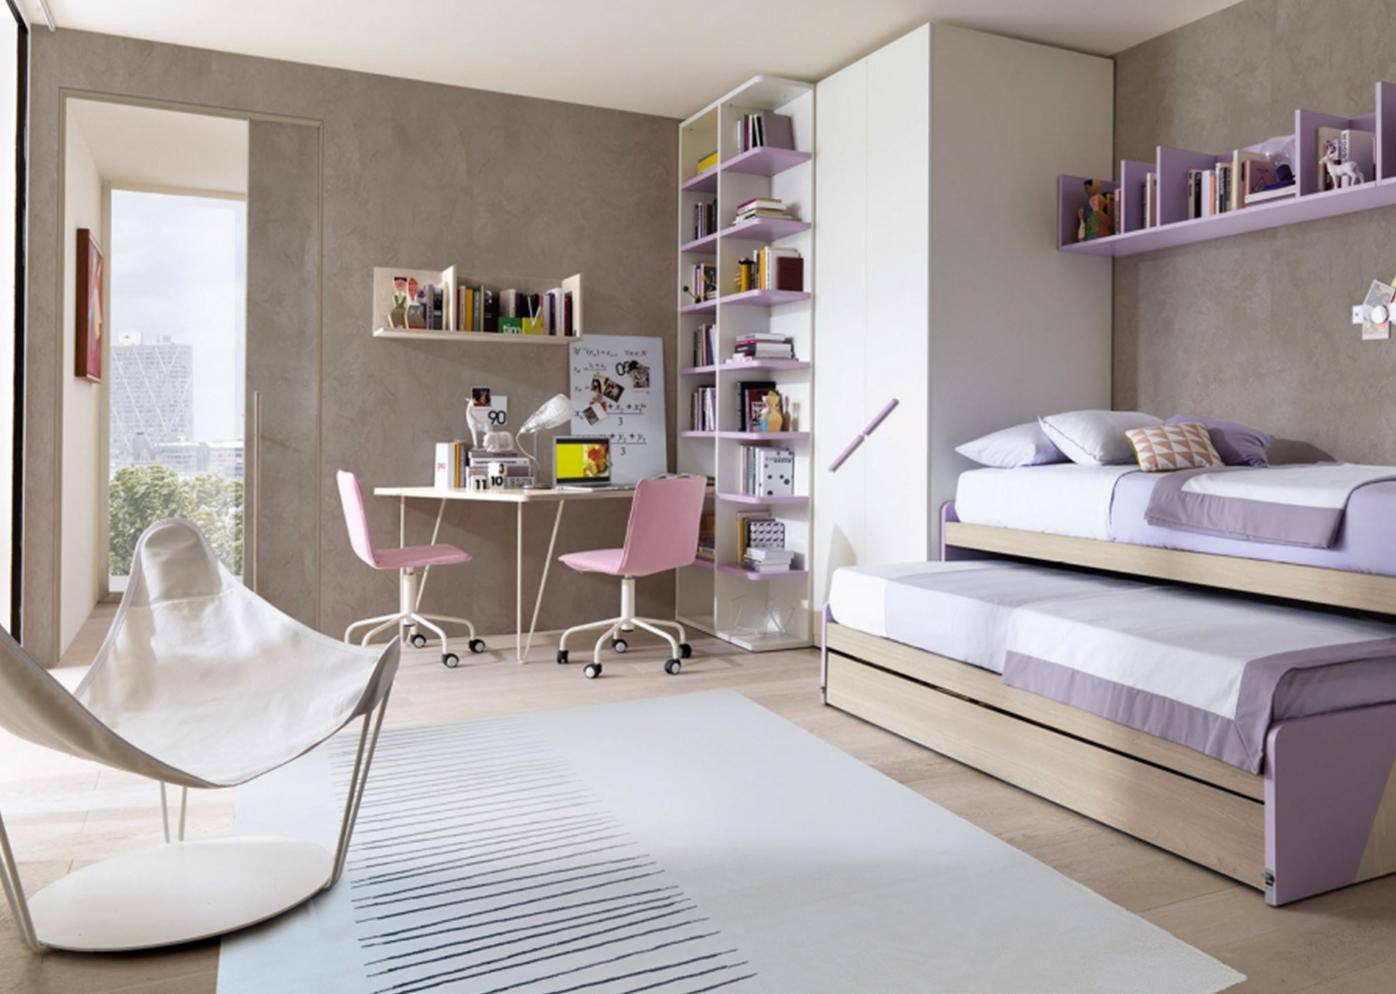 Camerette Zalf Lissone | Habitat Casa Arredamento e Mobili Lissone